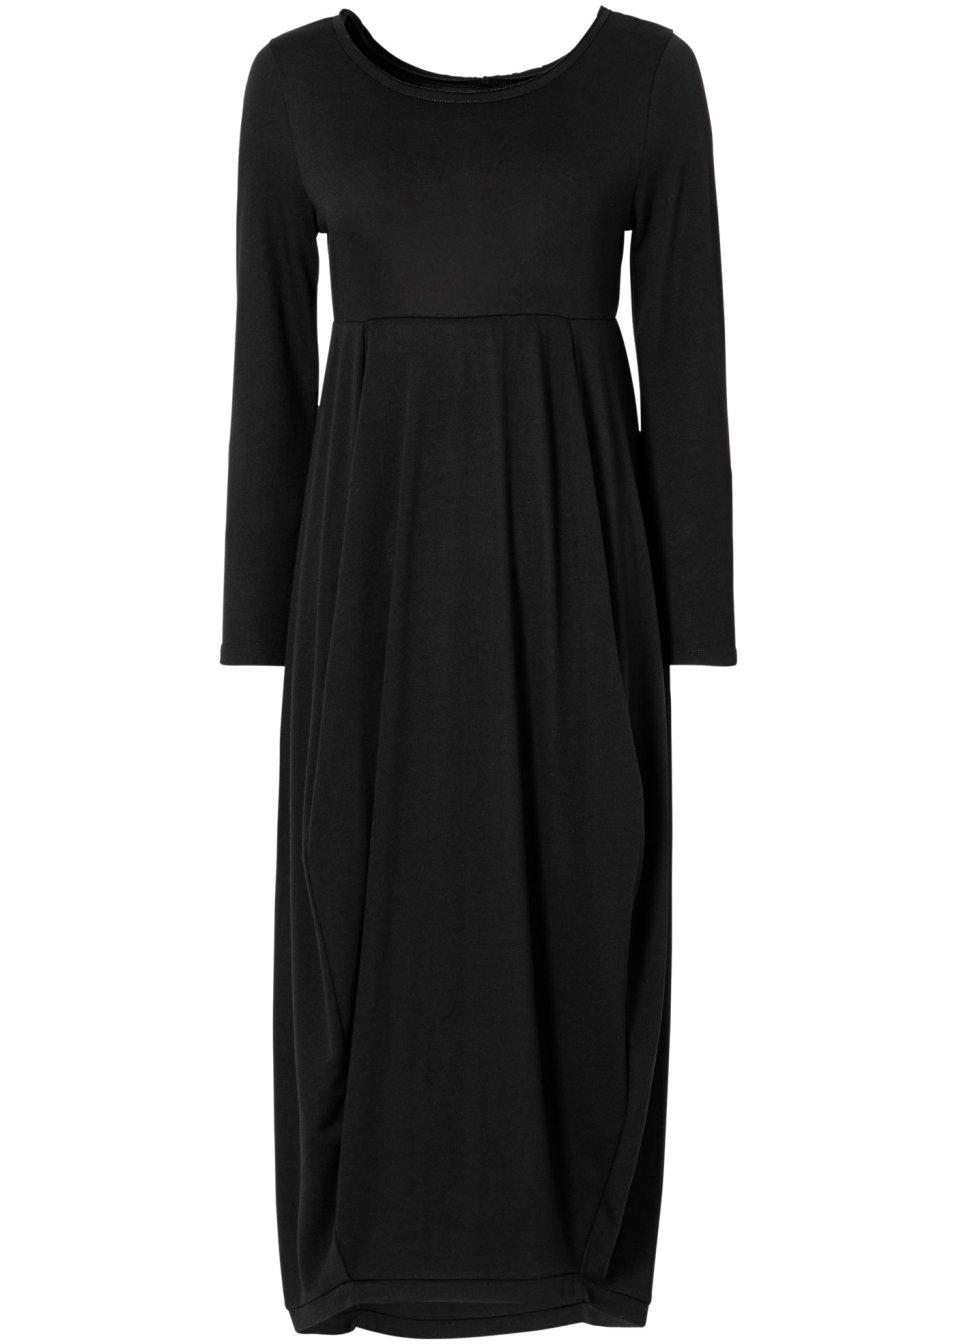 robe longue noir femme. Black Bedroom Furniture Sets. Home Design Ideas